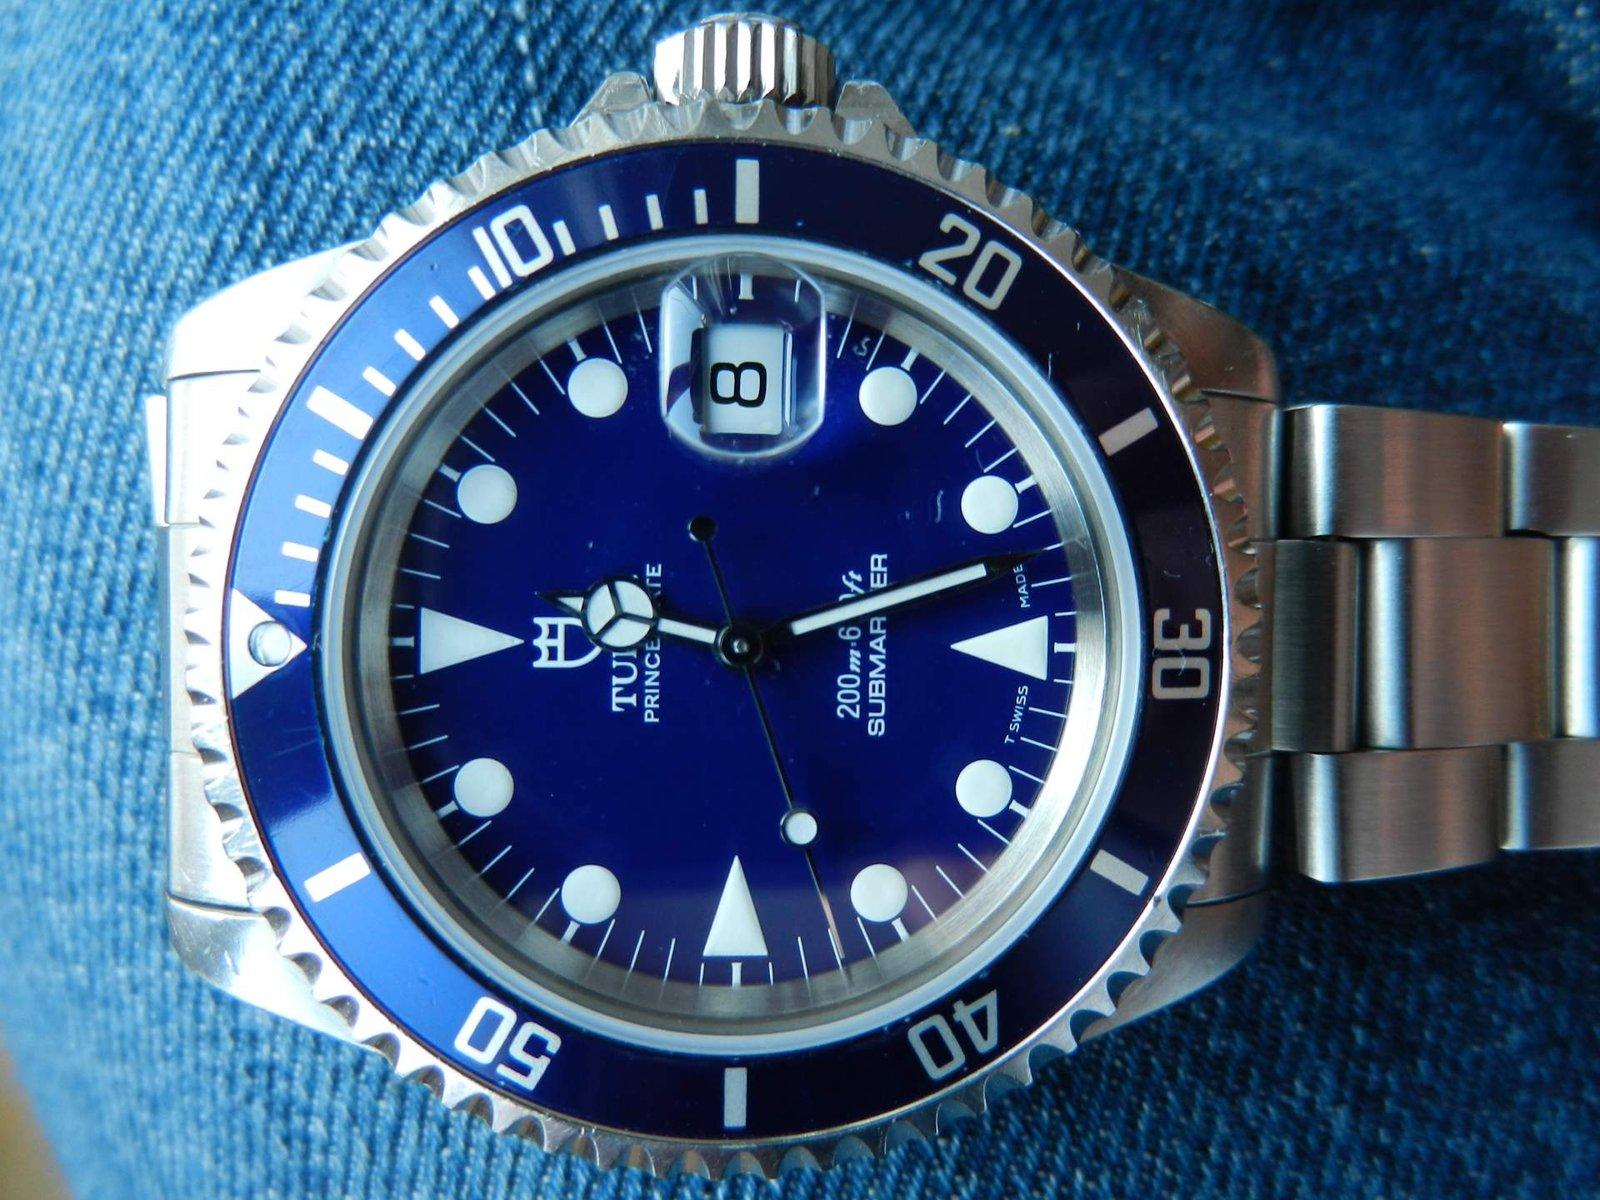 Tudor submariner ref 79190 uhrforum for Replica leuchten